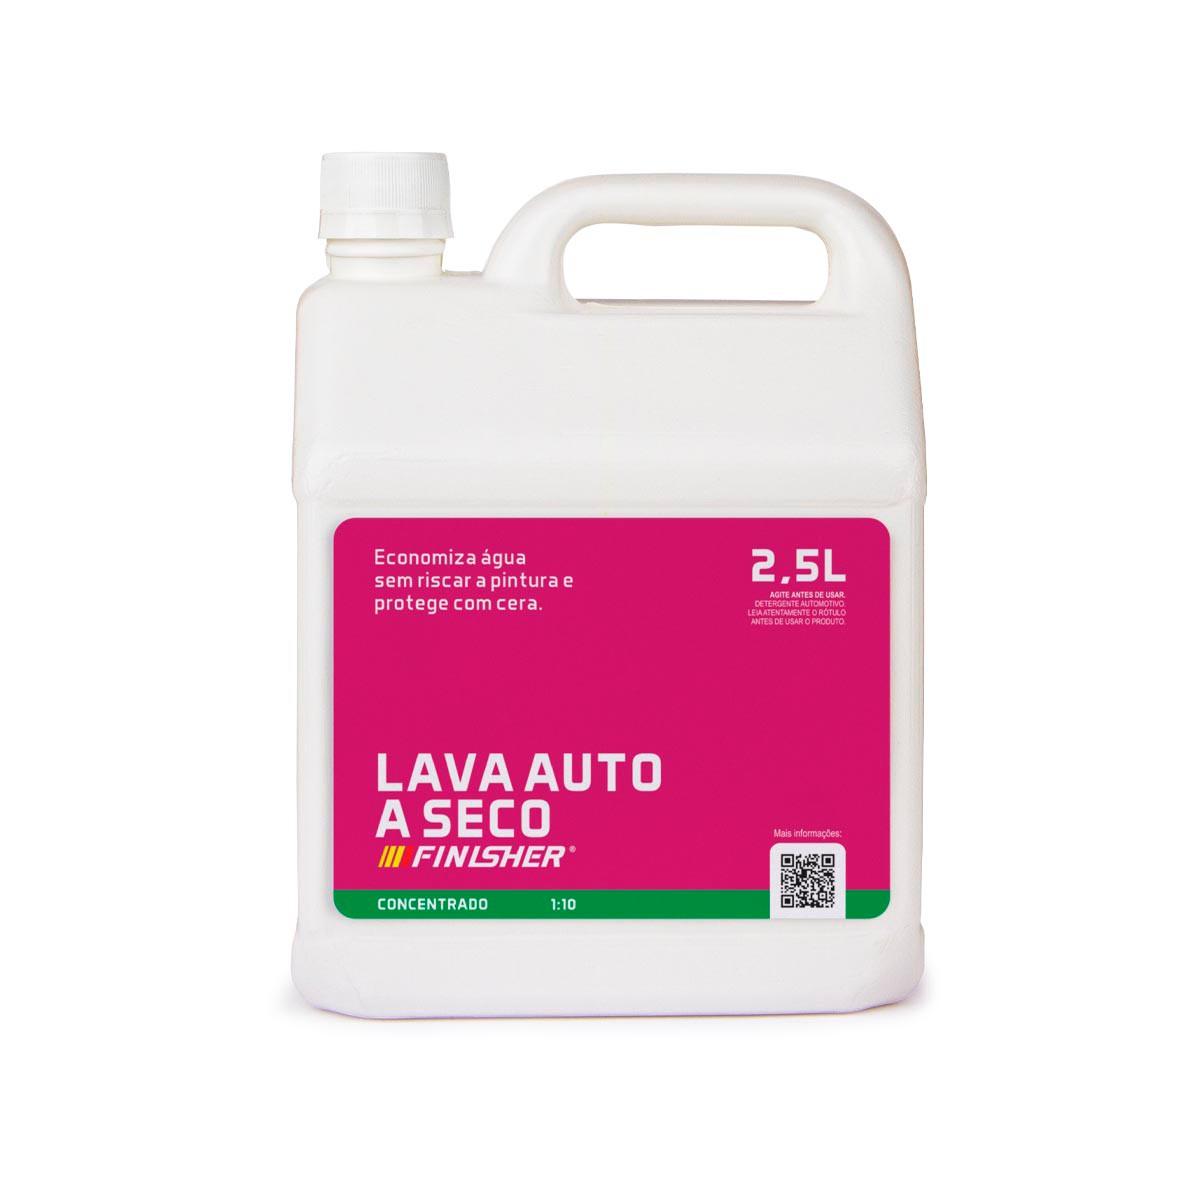 Lava Auto a Seco 2,5L - Finisher